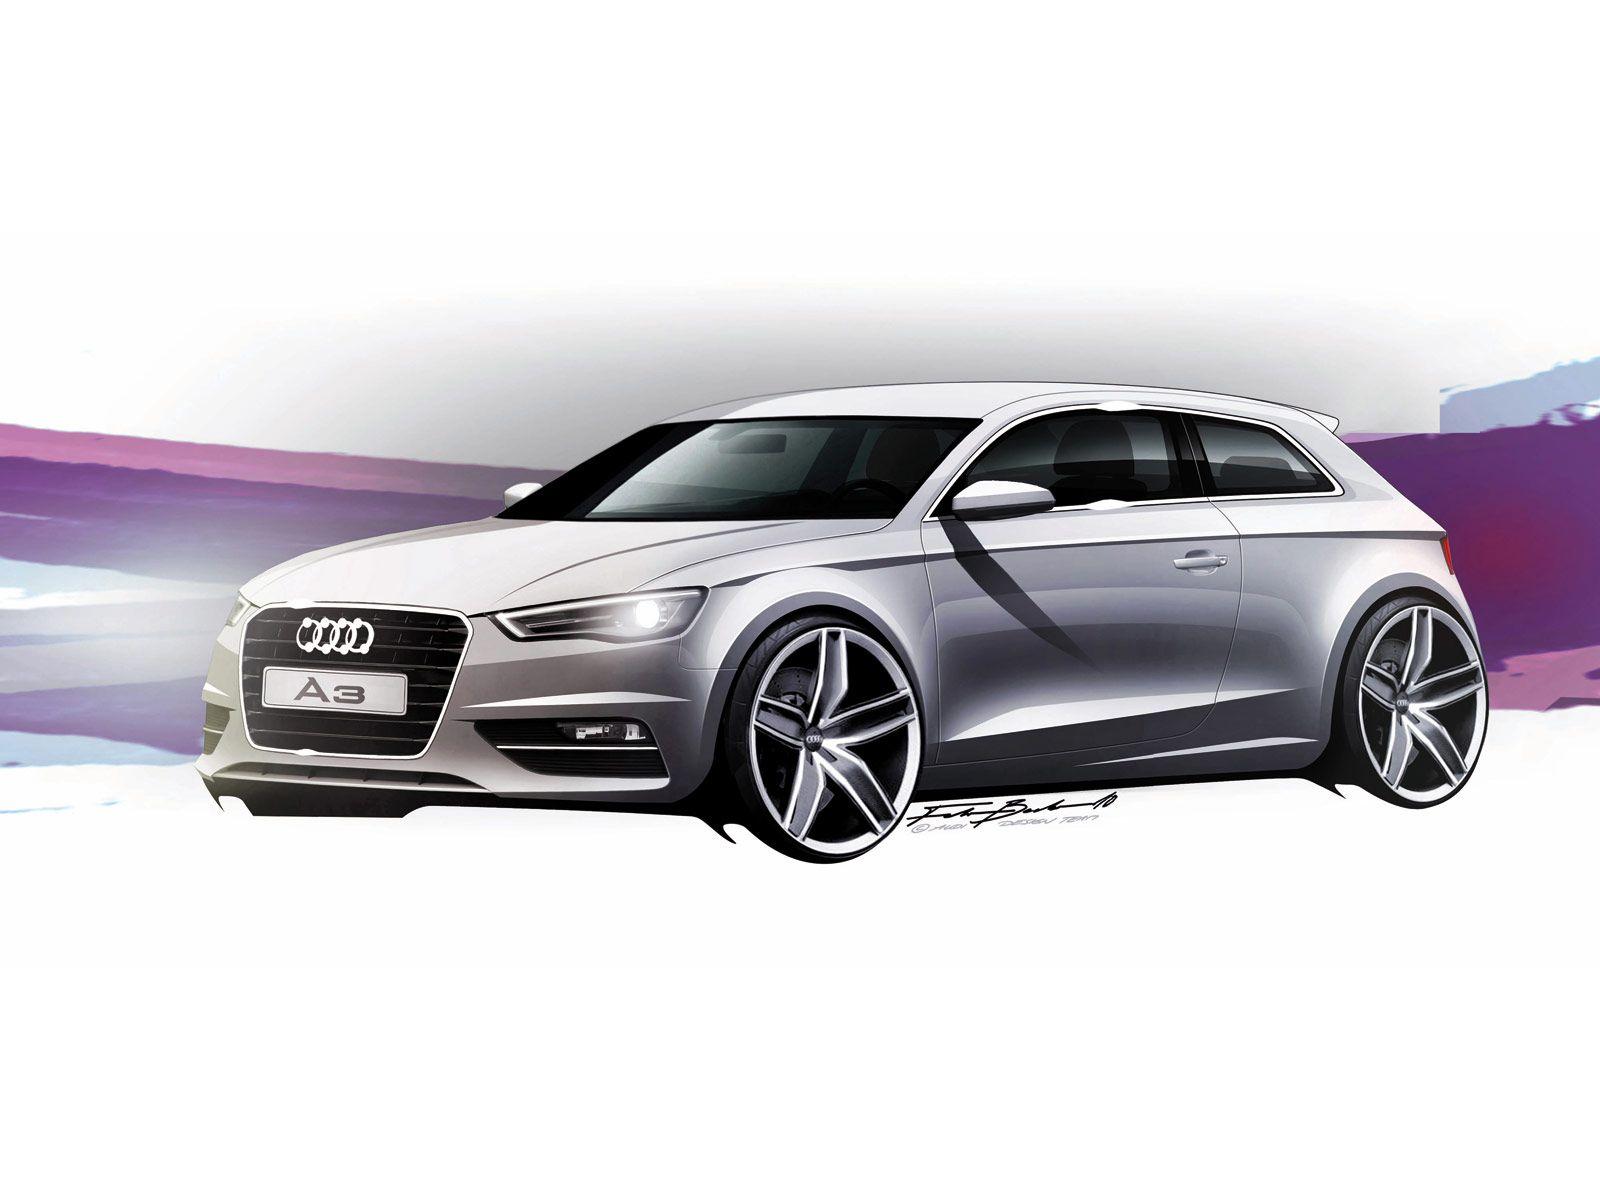 Audi A3 - Design Sketch